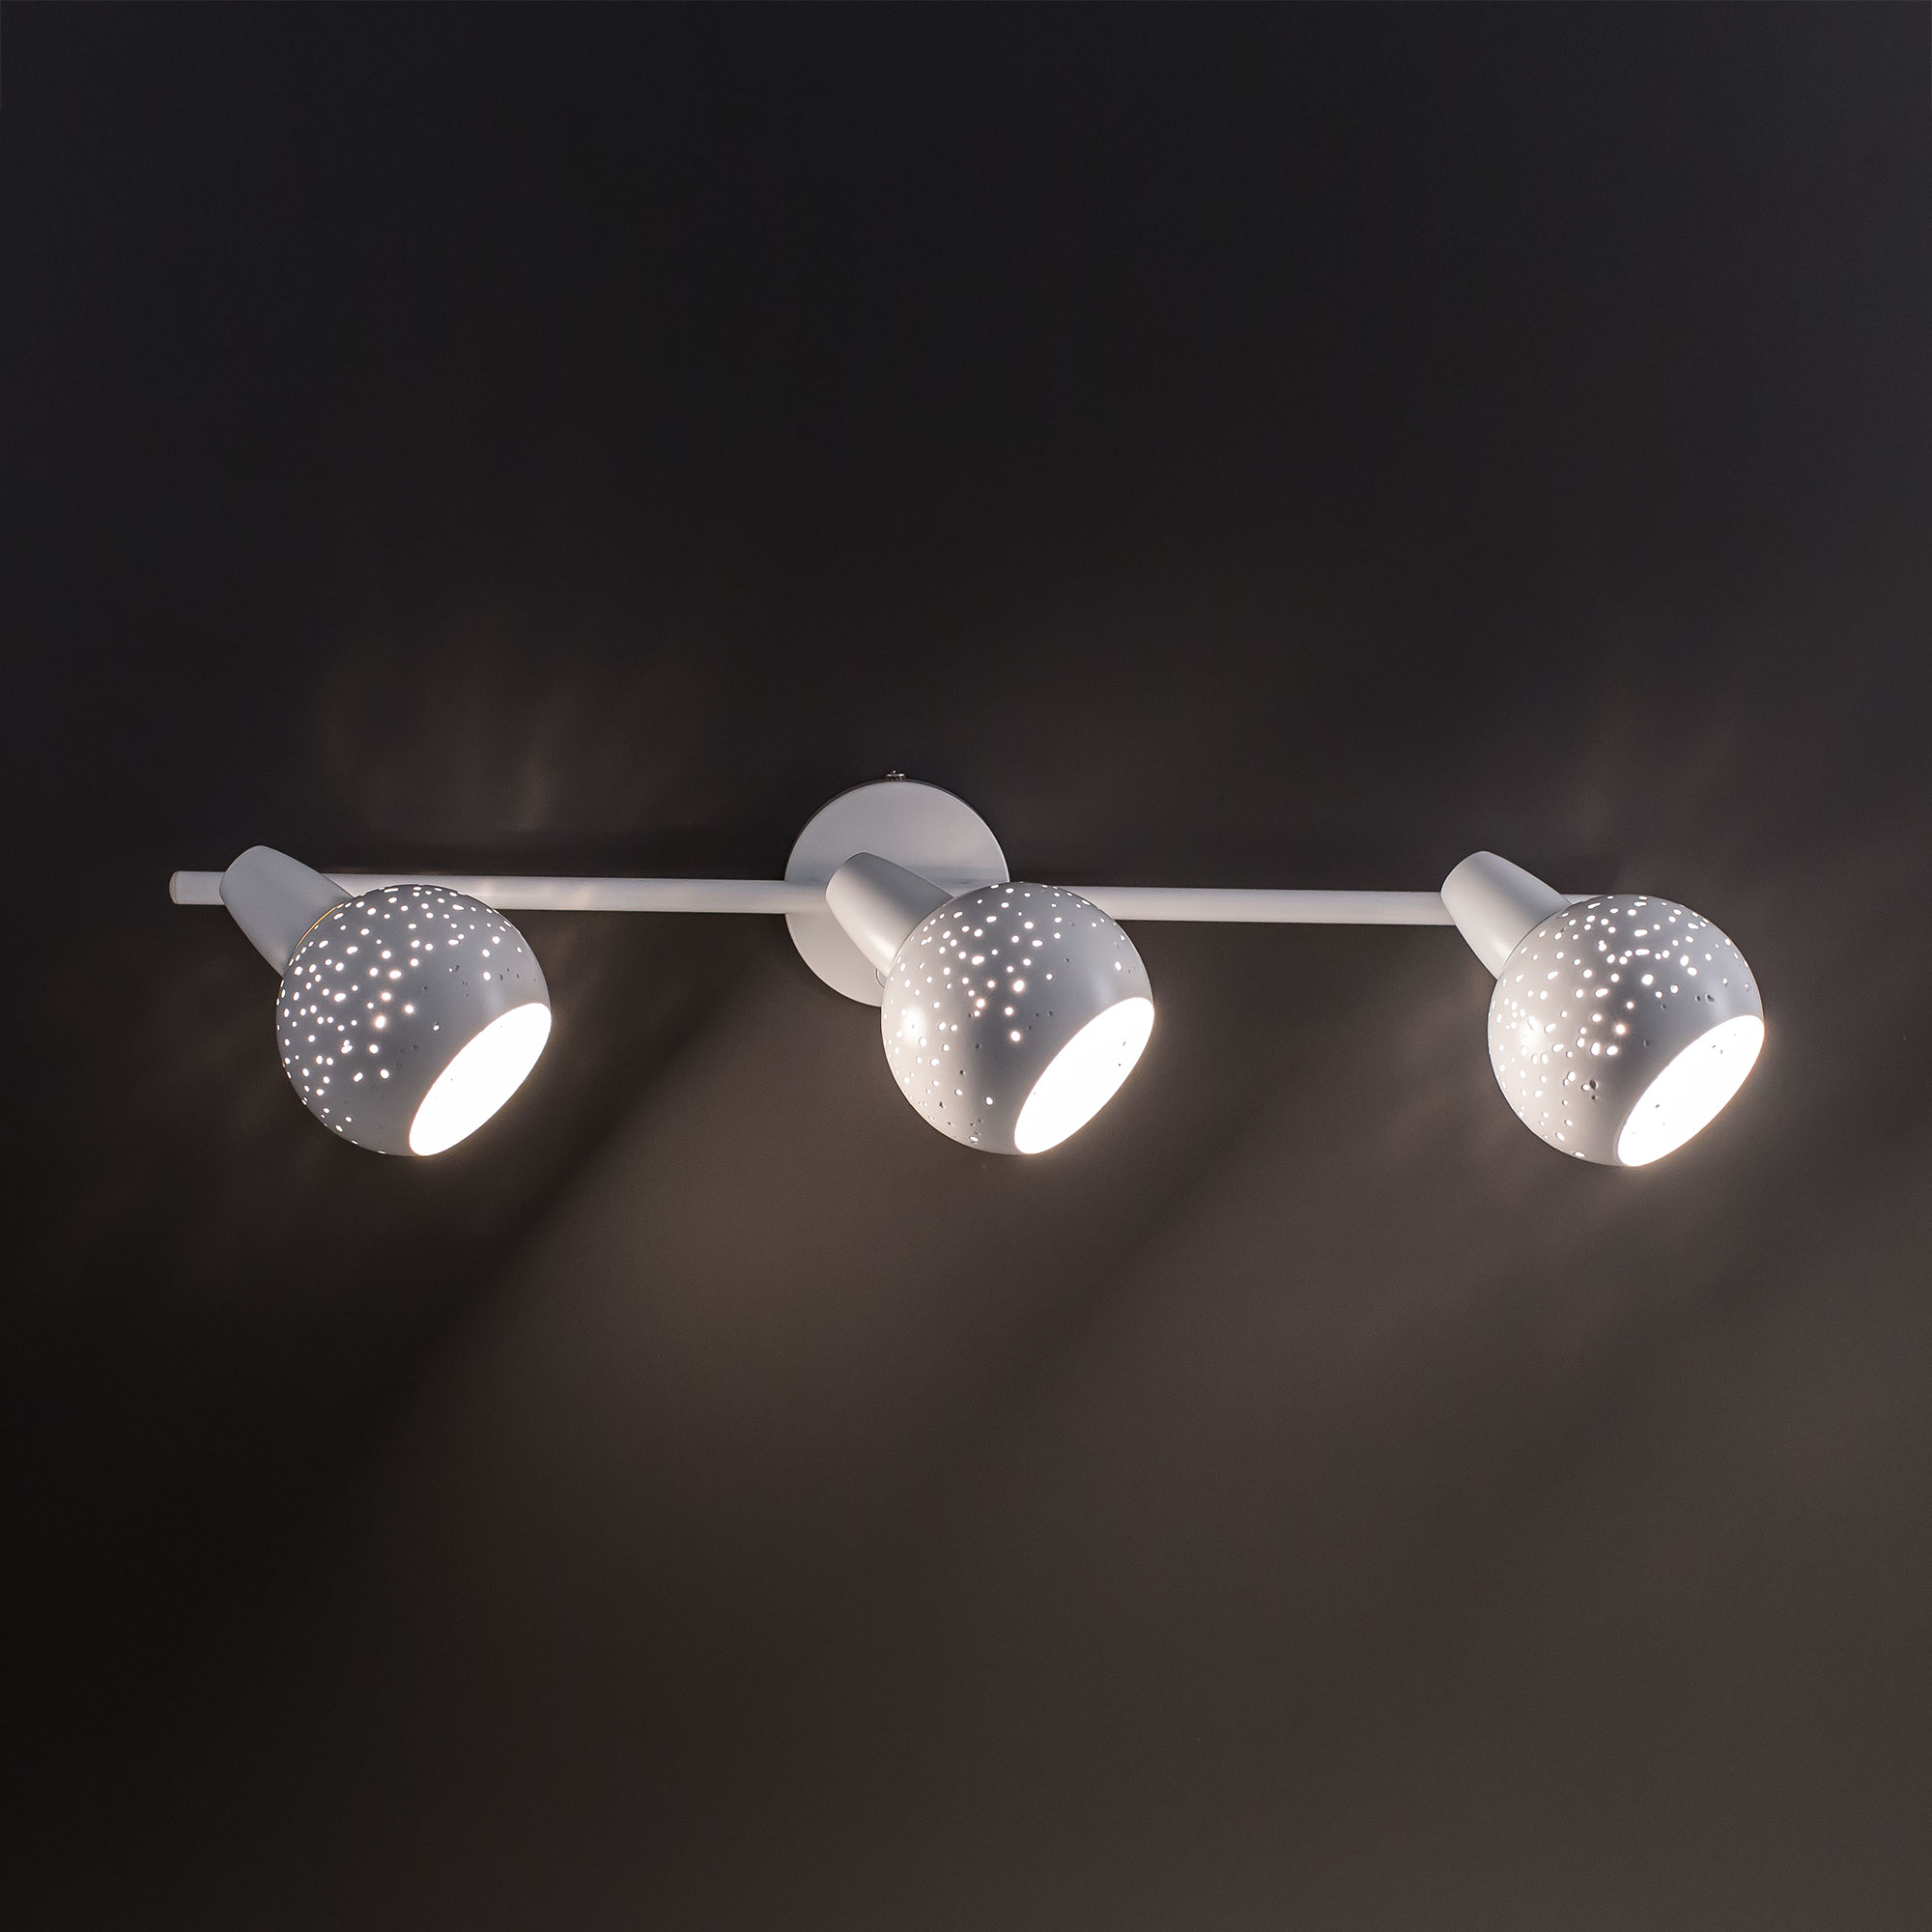 Потолочные светильники CL504530 Деко Citilux